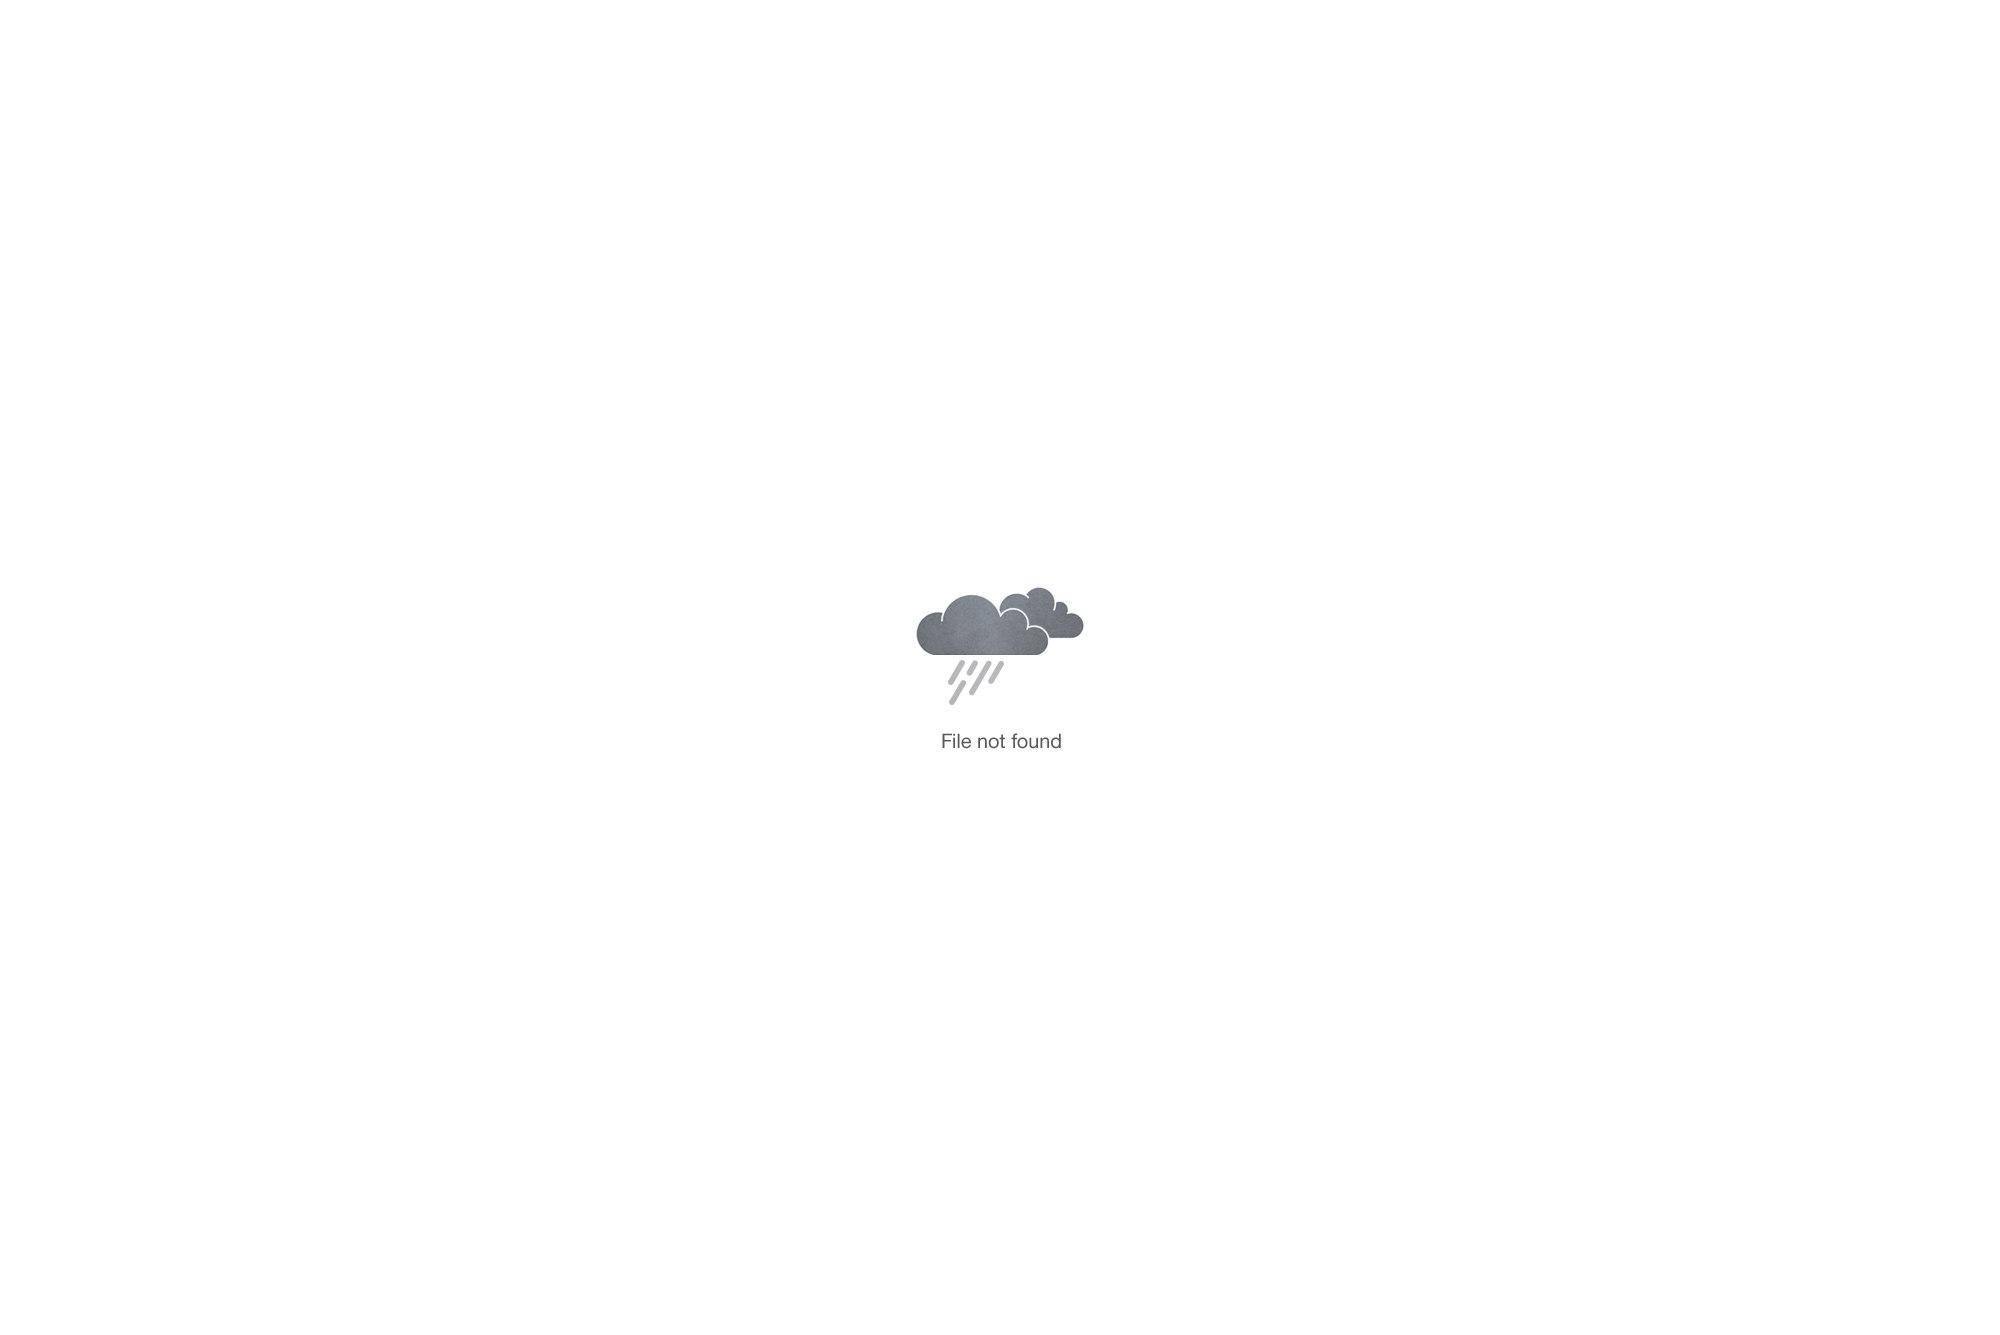 Samuel-Leguevaques-Cyclisme-Sponsorise-me-image-4